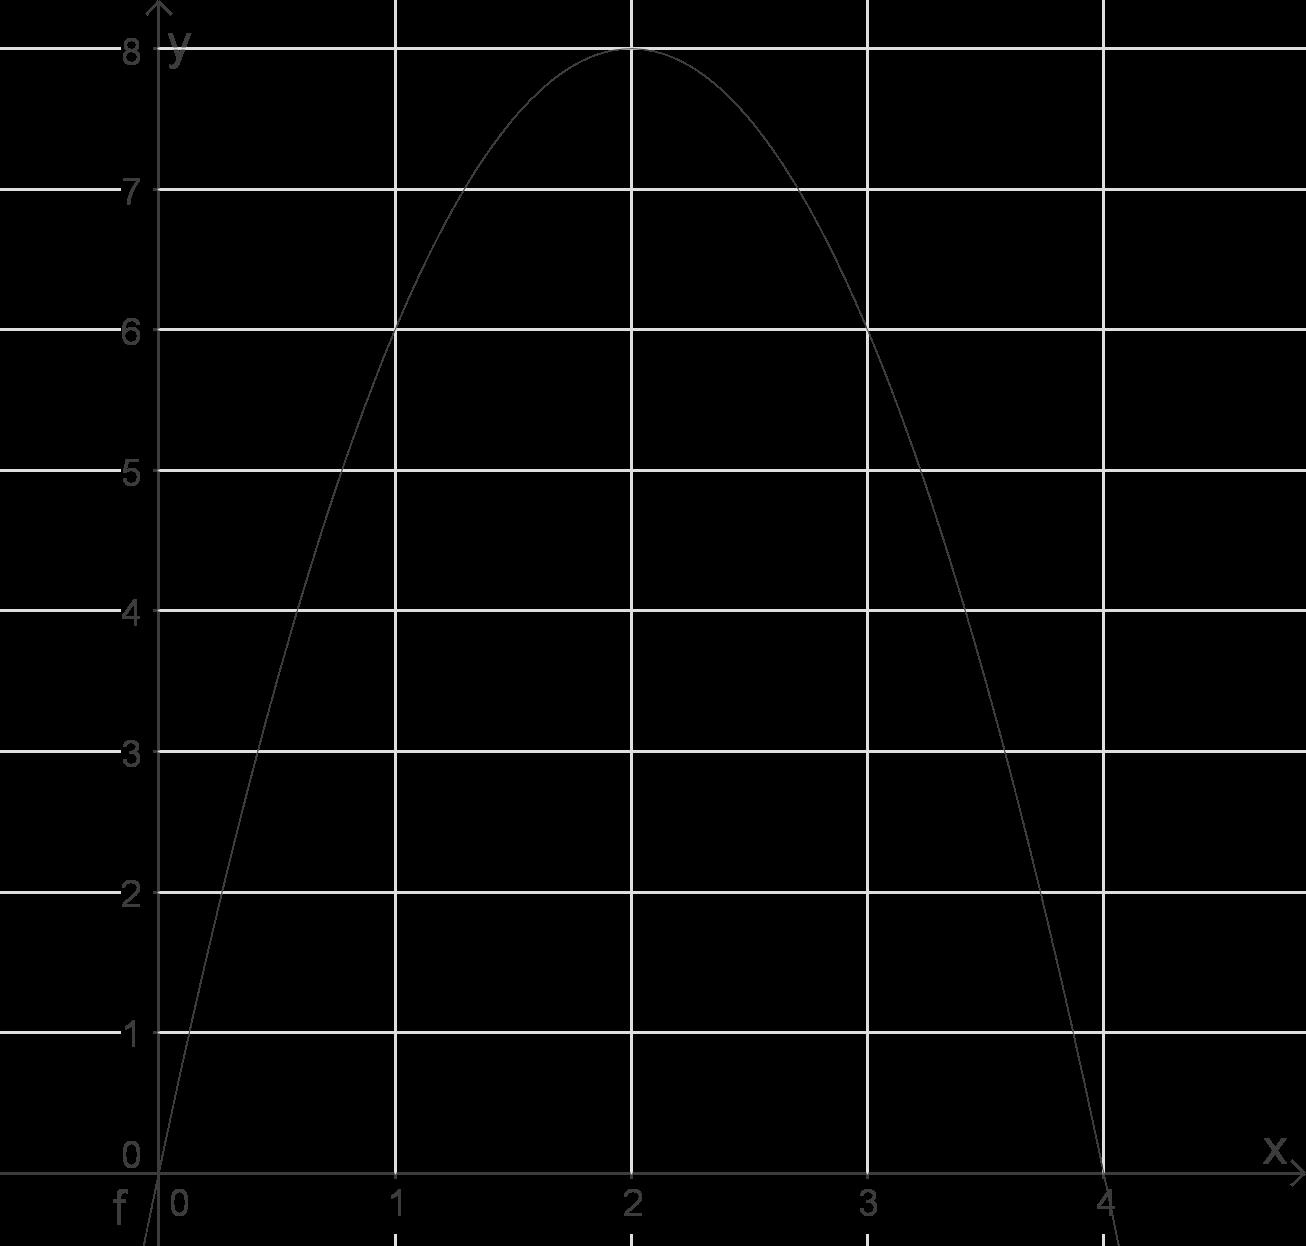 Quadratische Funktionen: Modellierung